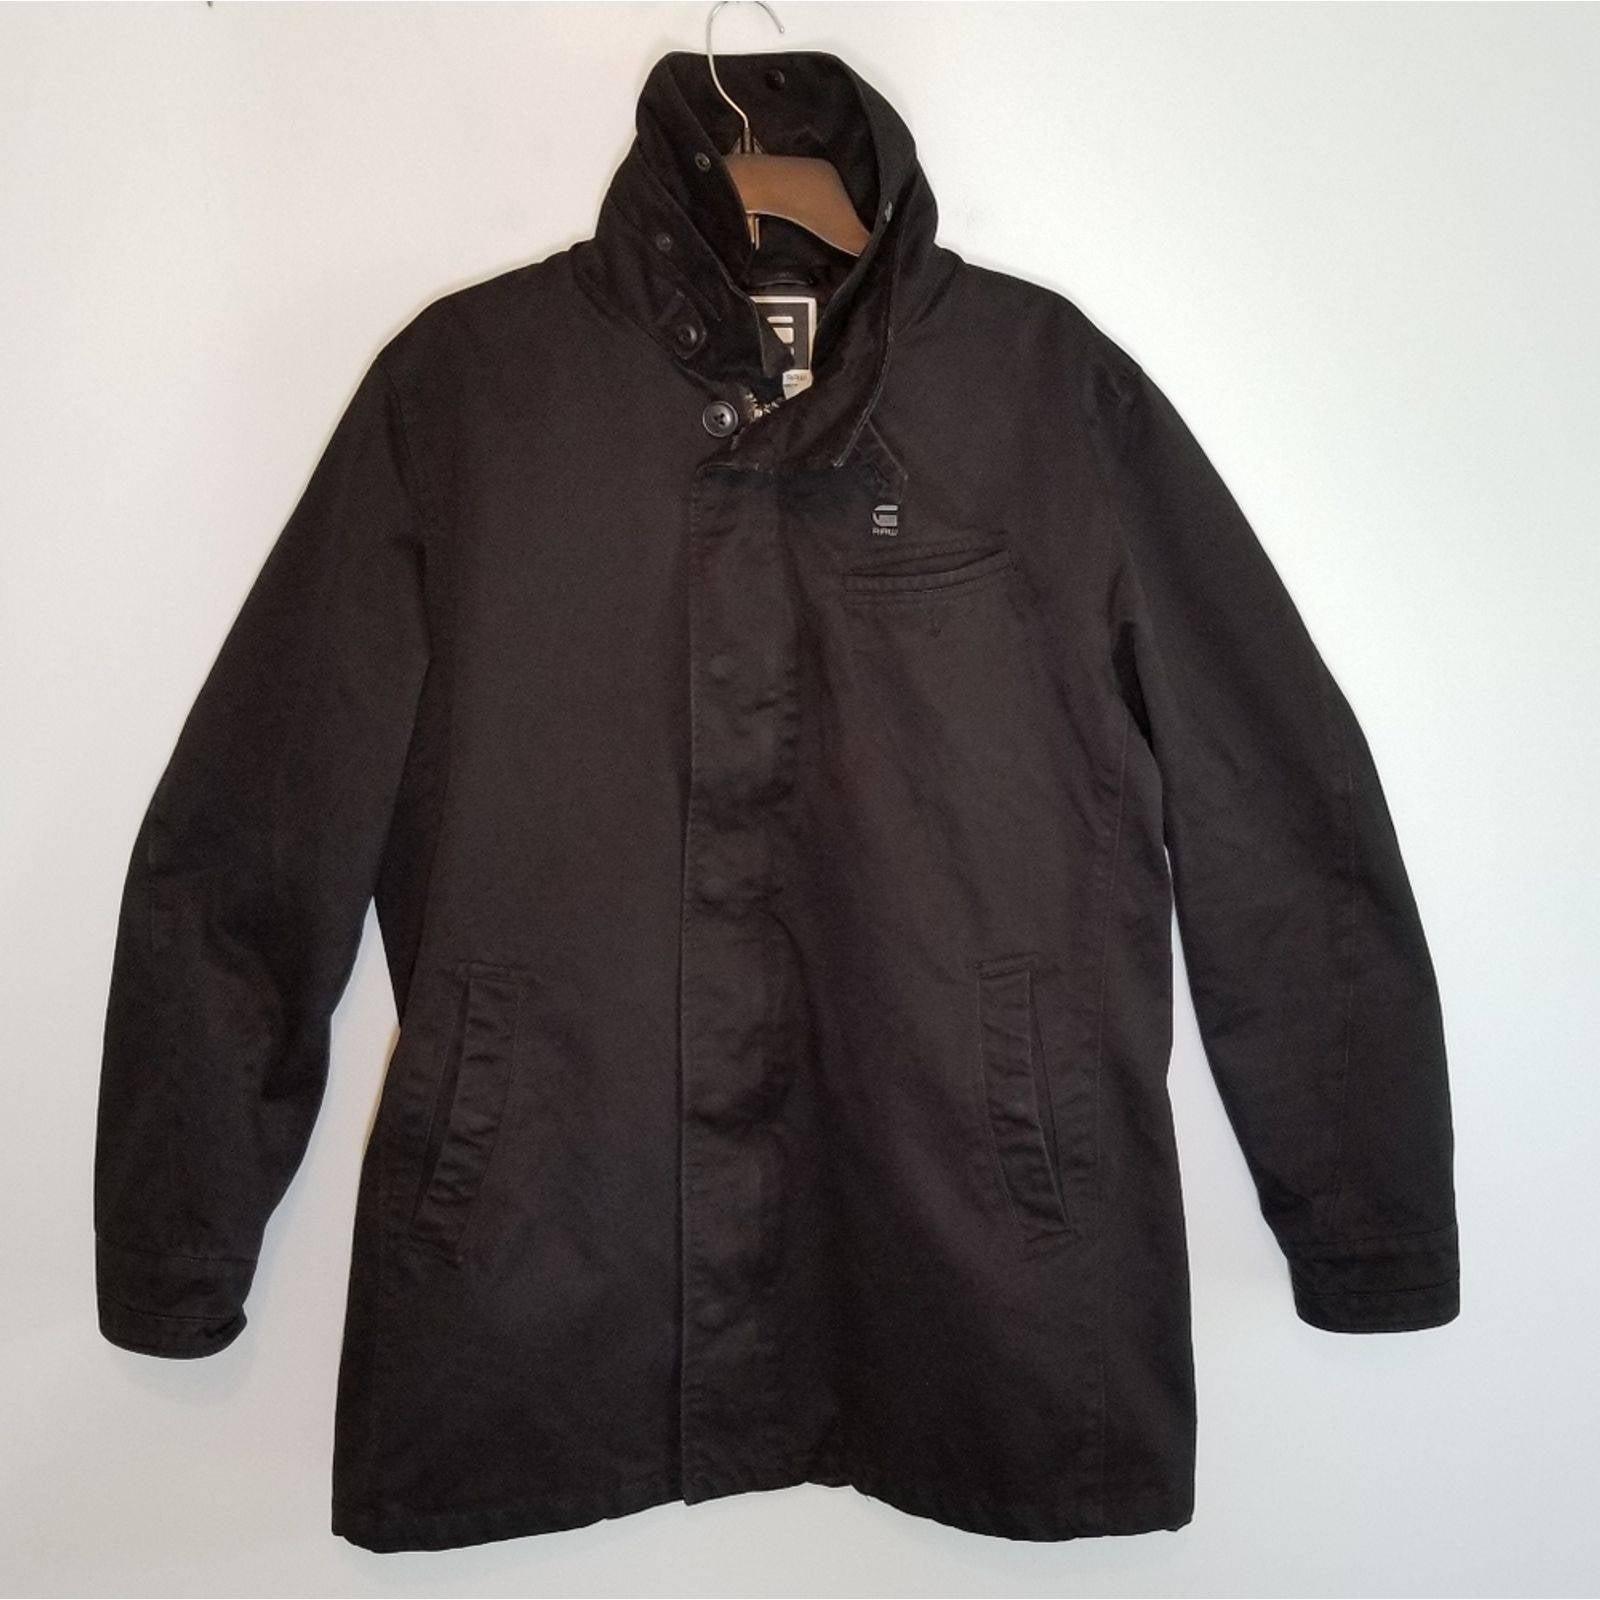 G-Star Raw jacket men's black size XXL